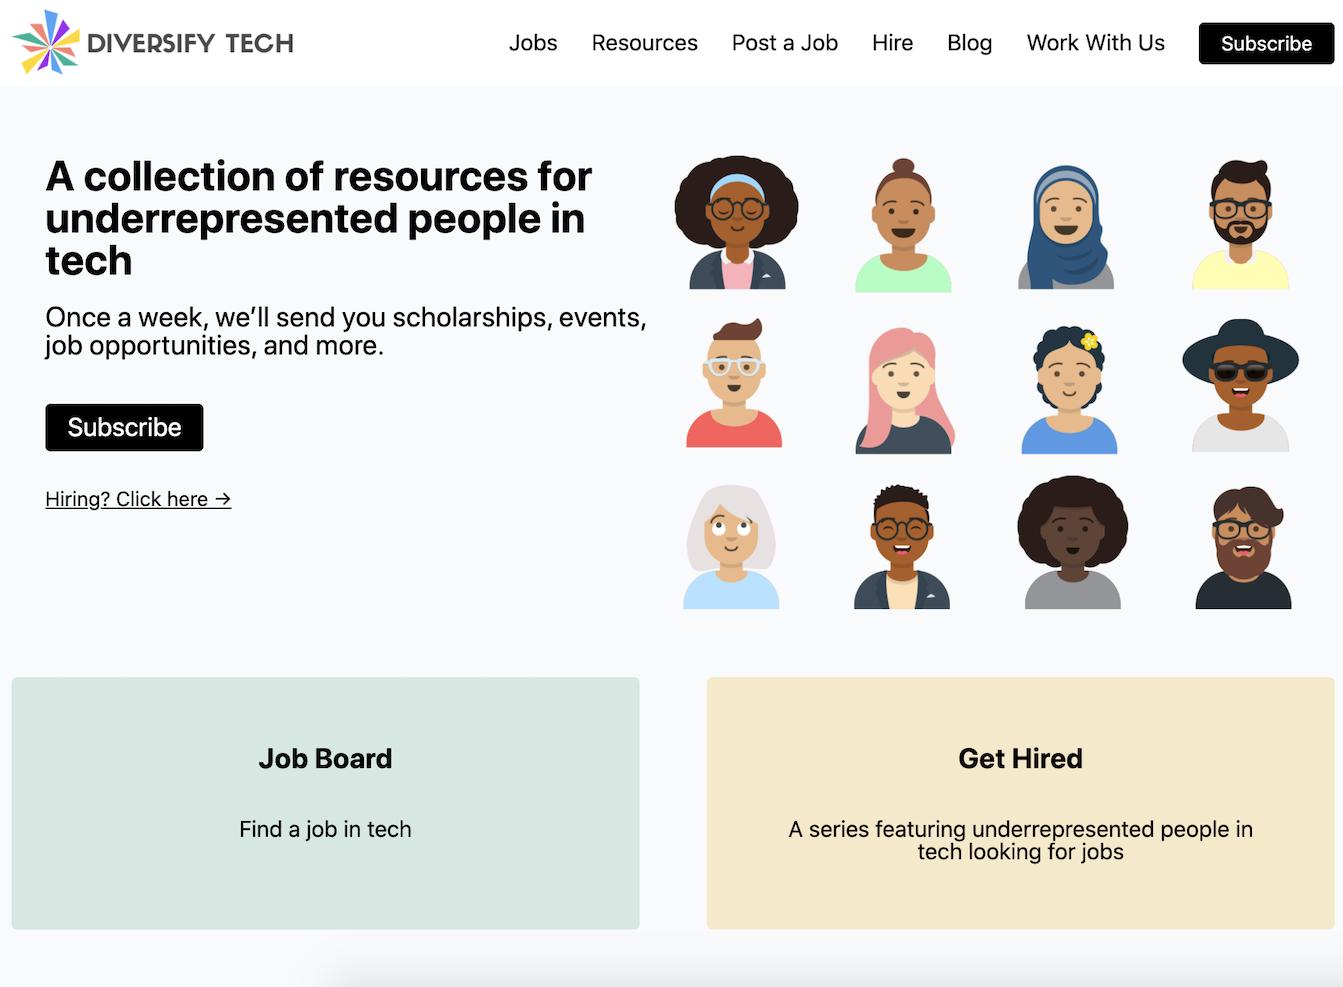 Diversify Tech